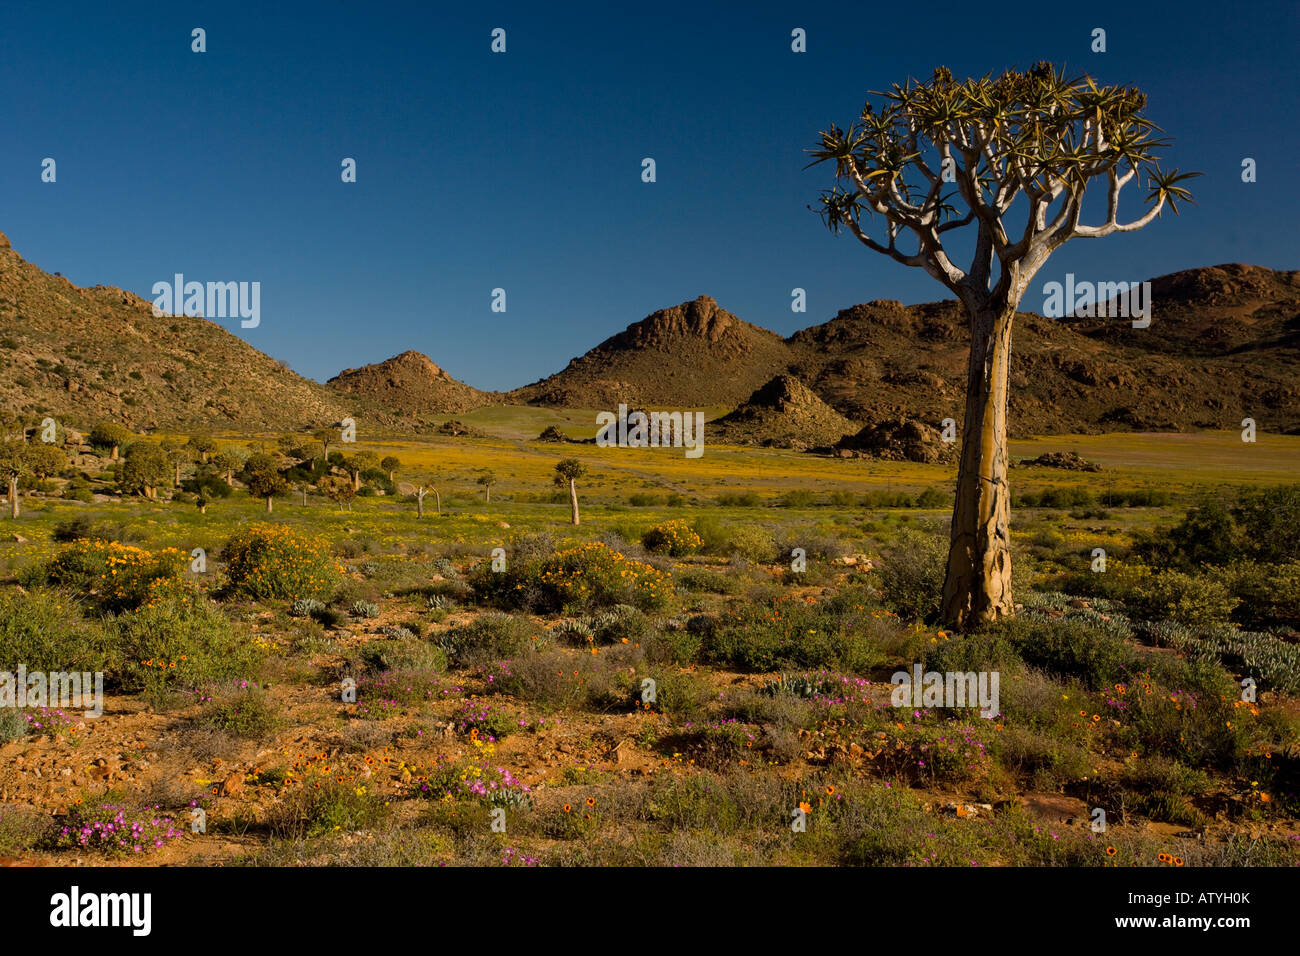 Quiver Tree ou Kokcurboom Aloe dichotoma dans un paysage fleuri Goegap Réserver près de Springbok désert Photo Stock